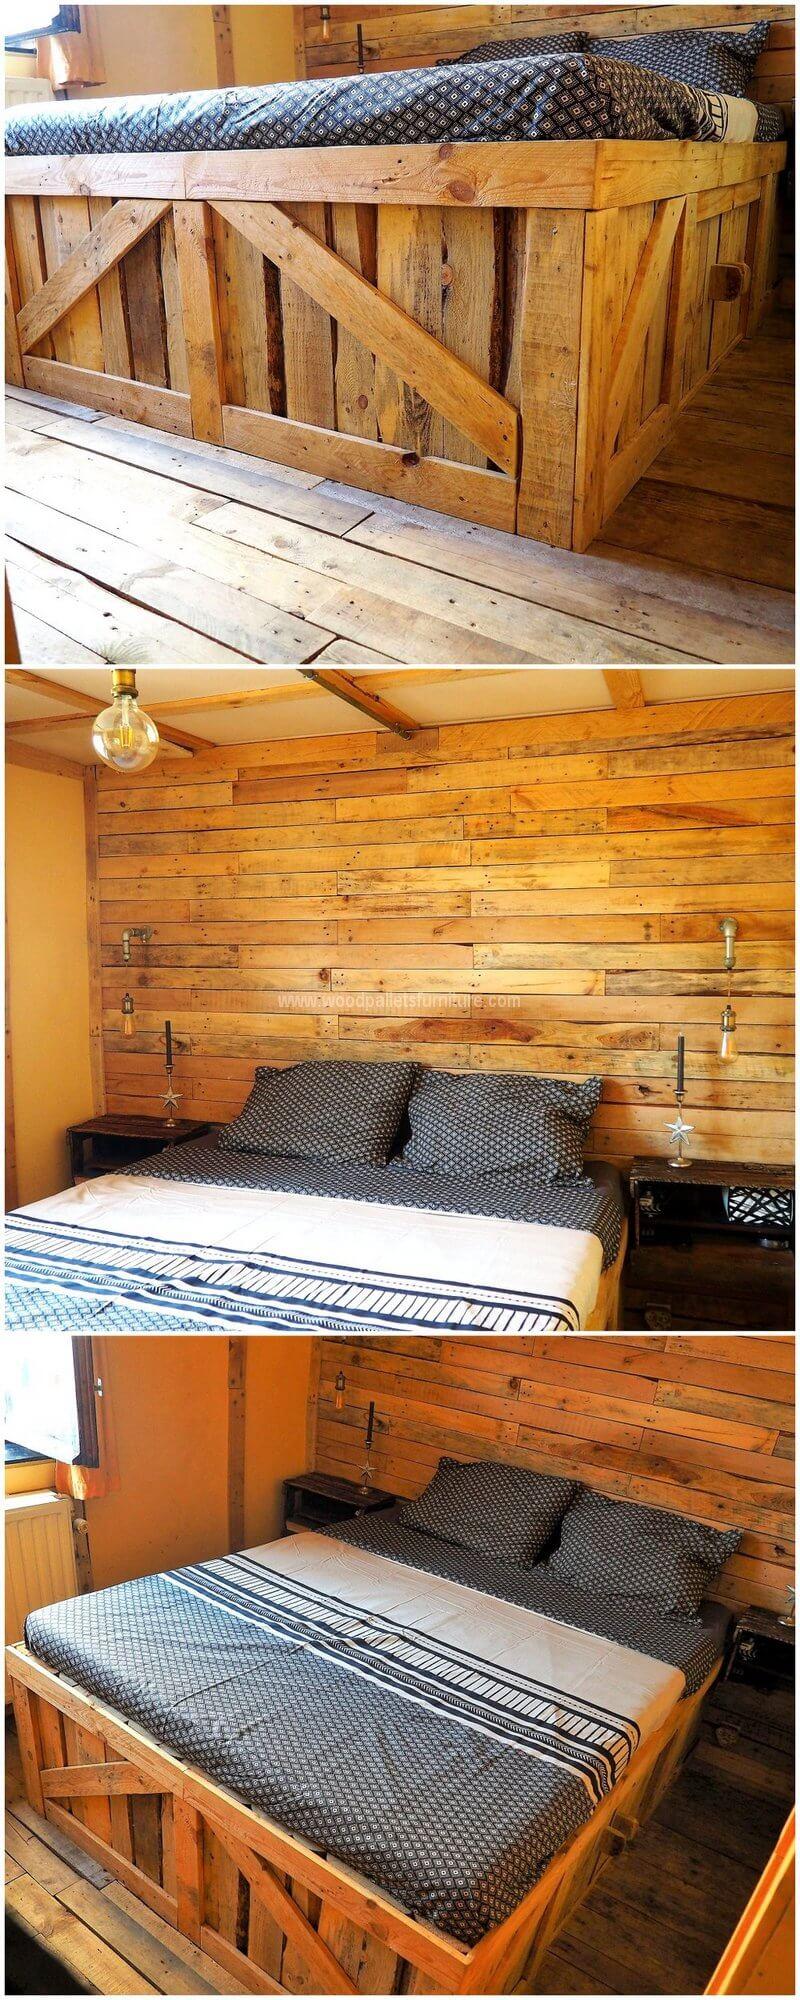 Patio En Bois De Palette wood pallet diy ideas and projects | wood pallet furniture